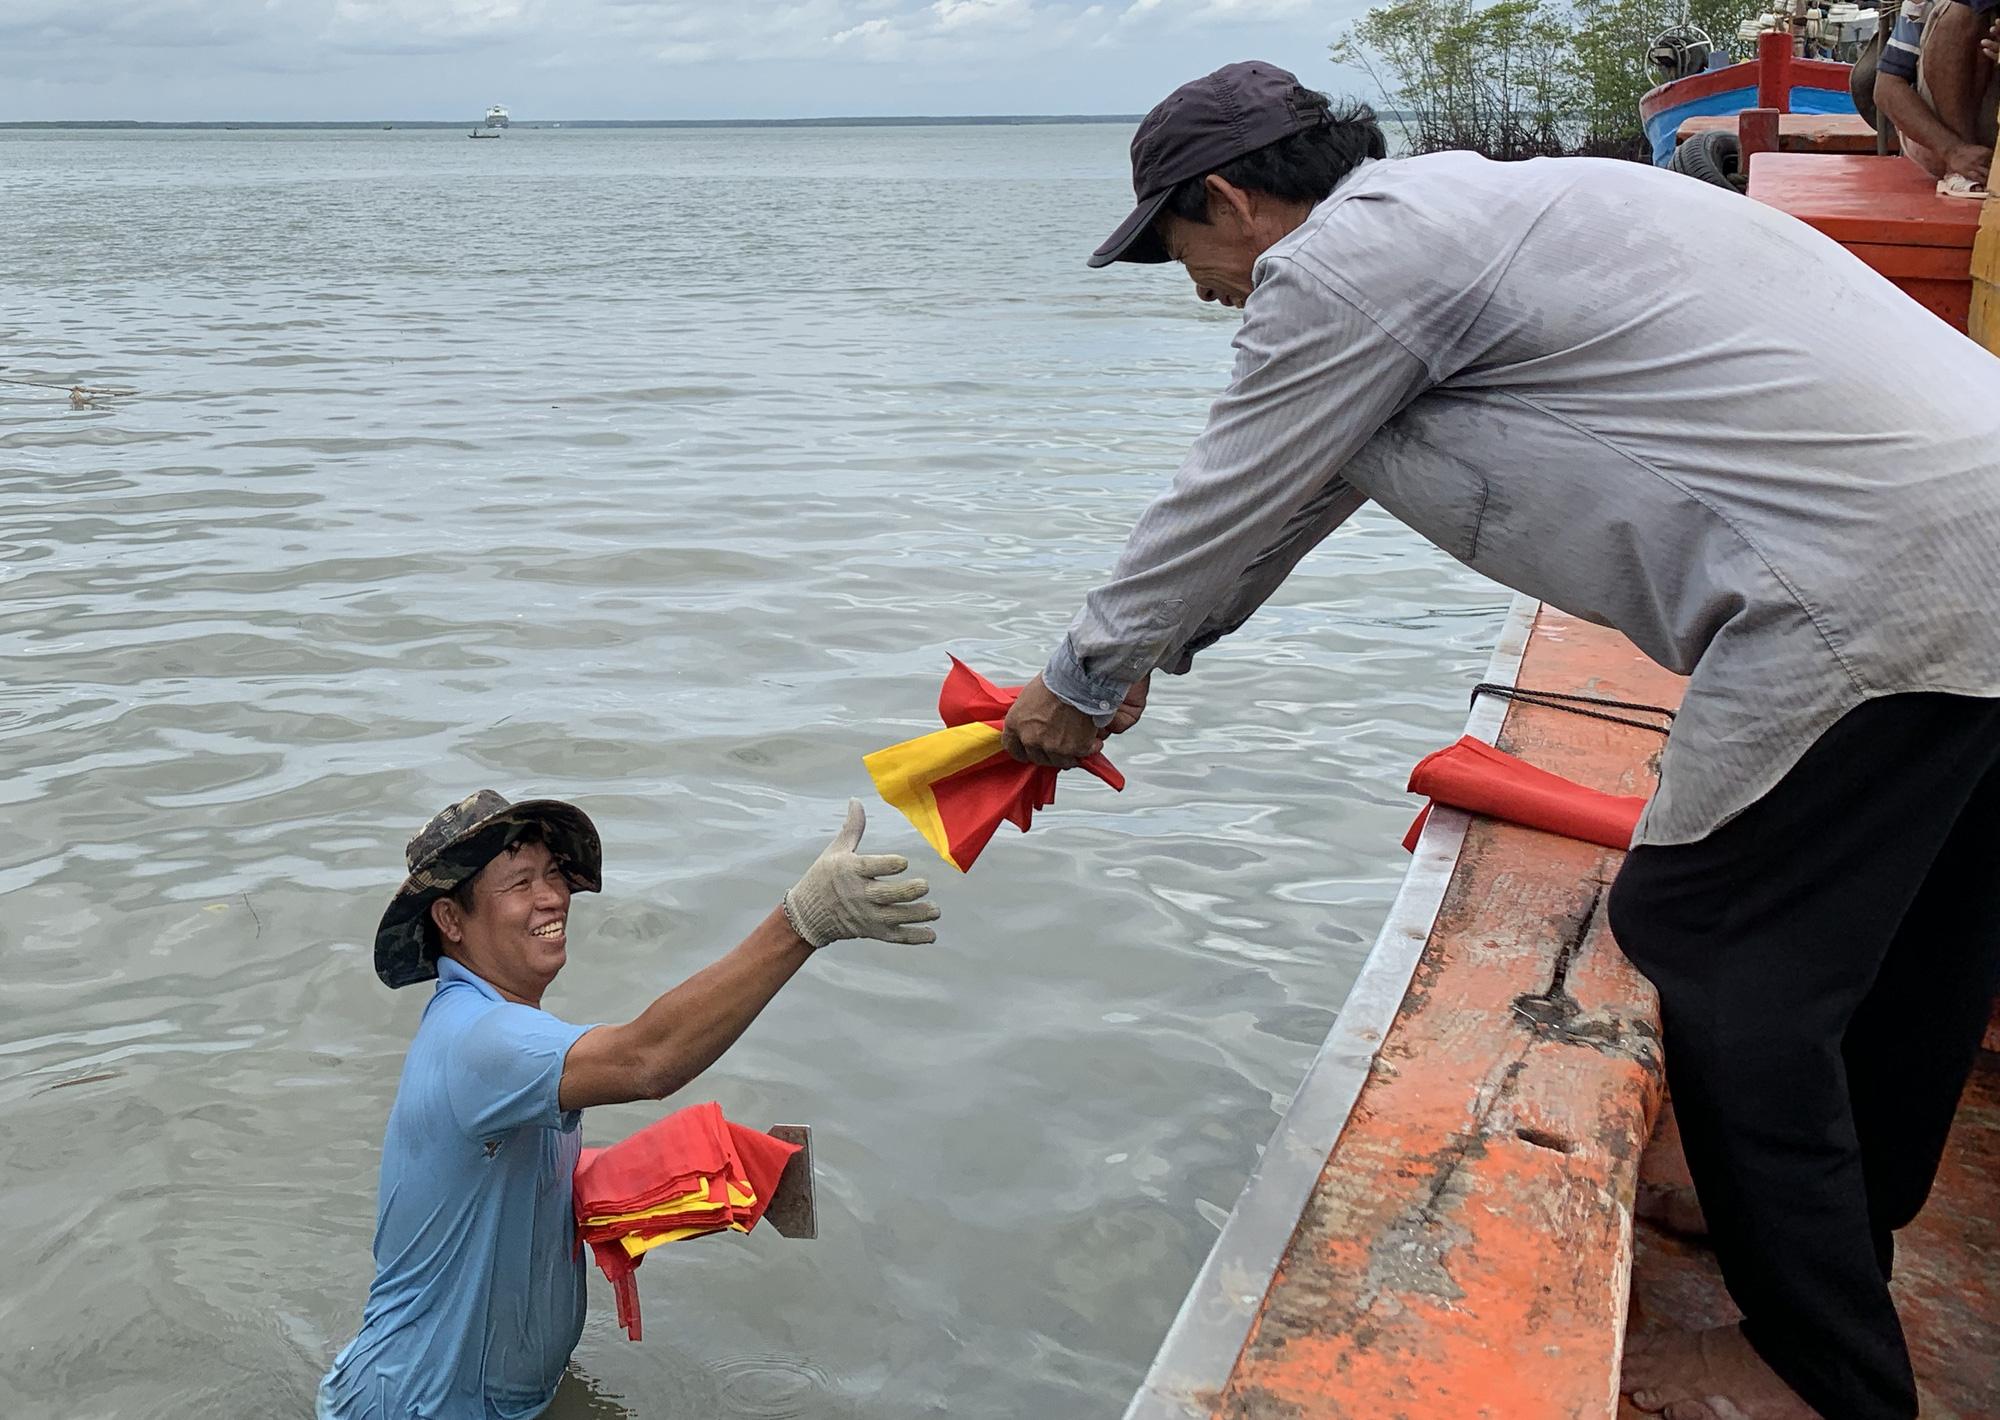 Xúc động cảnh ngư dân Cần Giờ lội biển nhận cờ Tổ quốc - Ảnh 4.